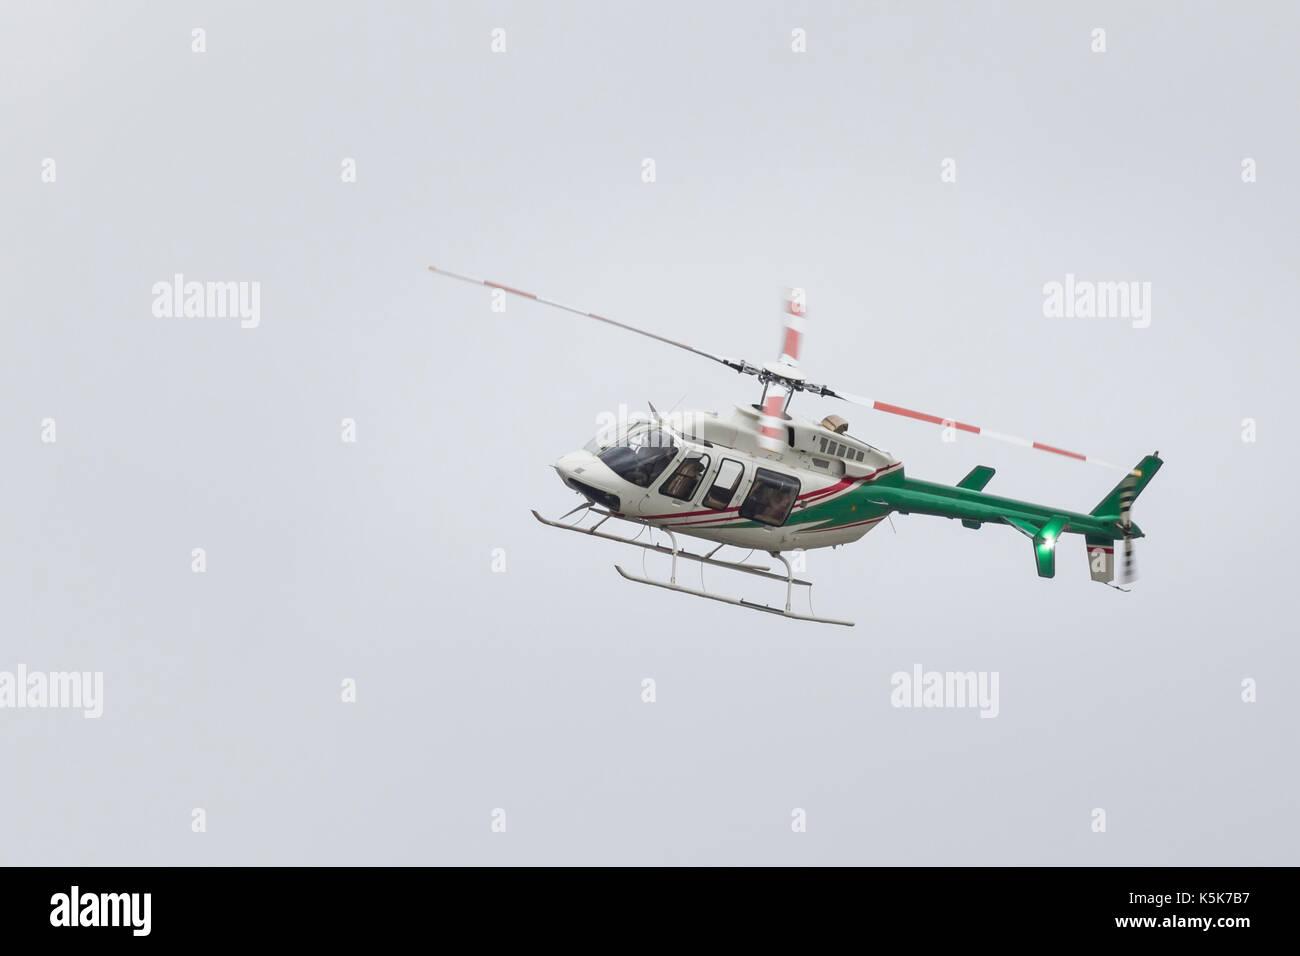 KAZAN, RUSSIA - 9 SEPTEMBER 2017: Small passenger helicopter in flight - Stock Image